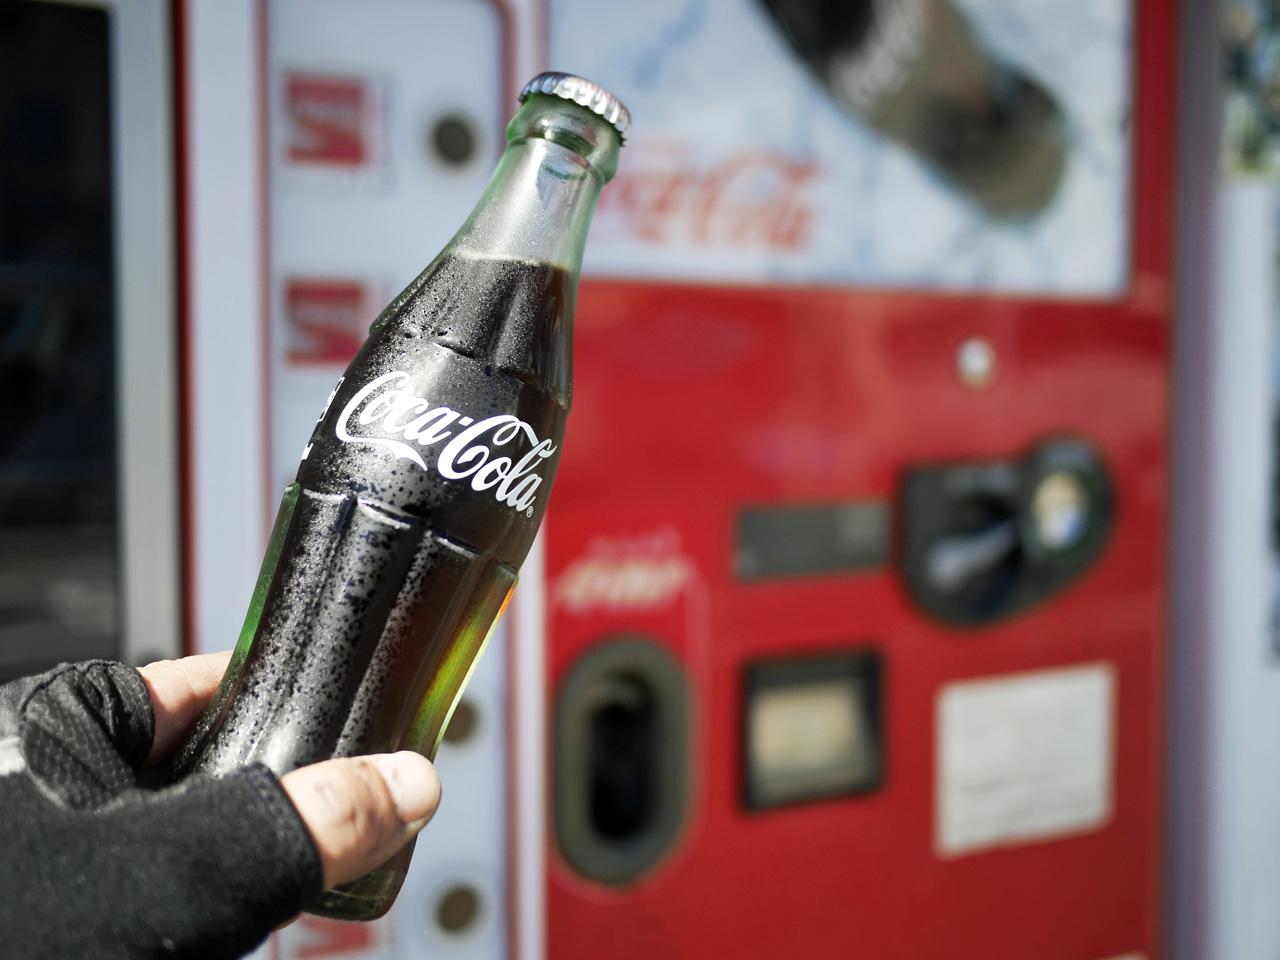 殿田橋の裏手で瓶コーラ自販機と遭遇